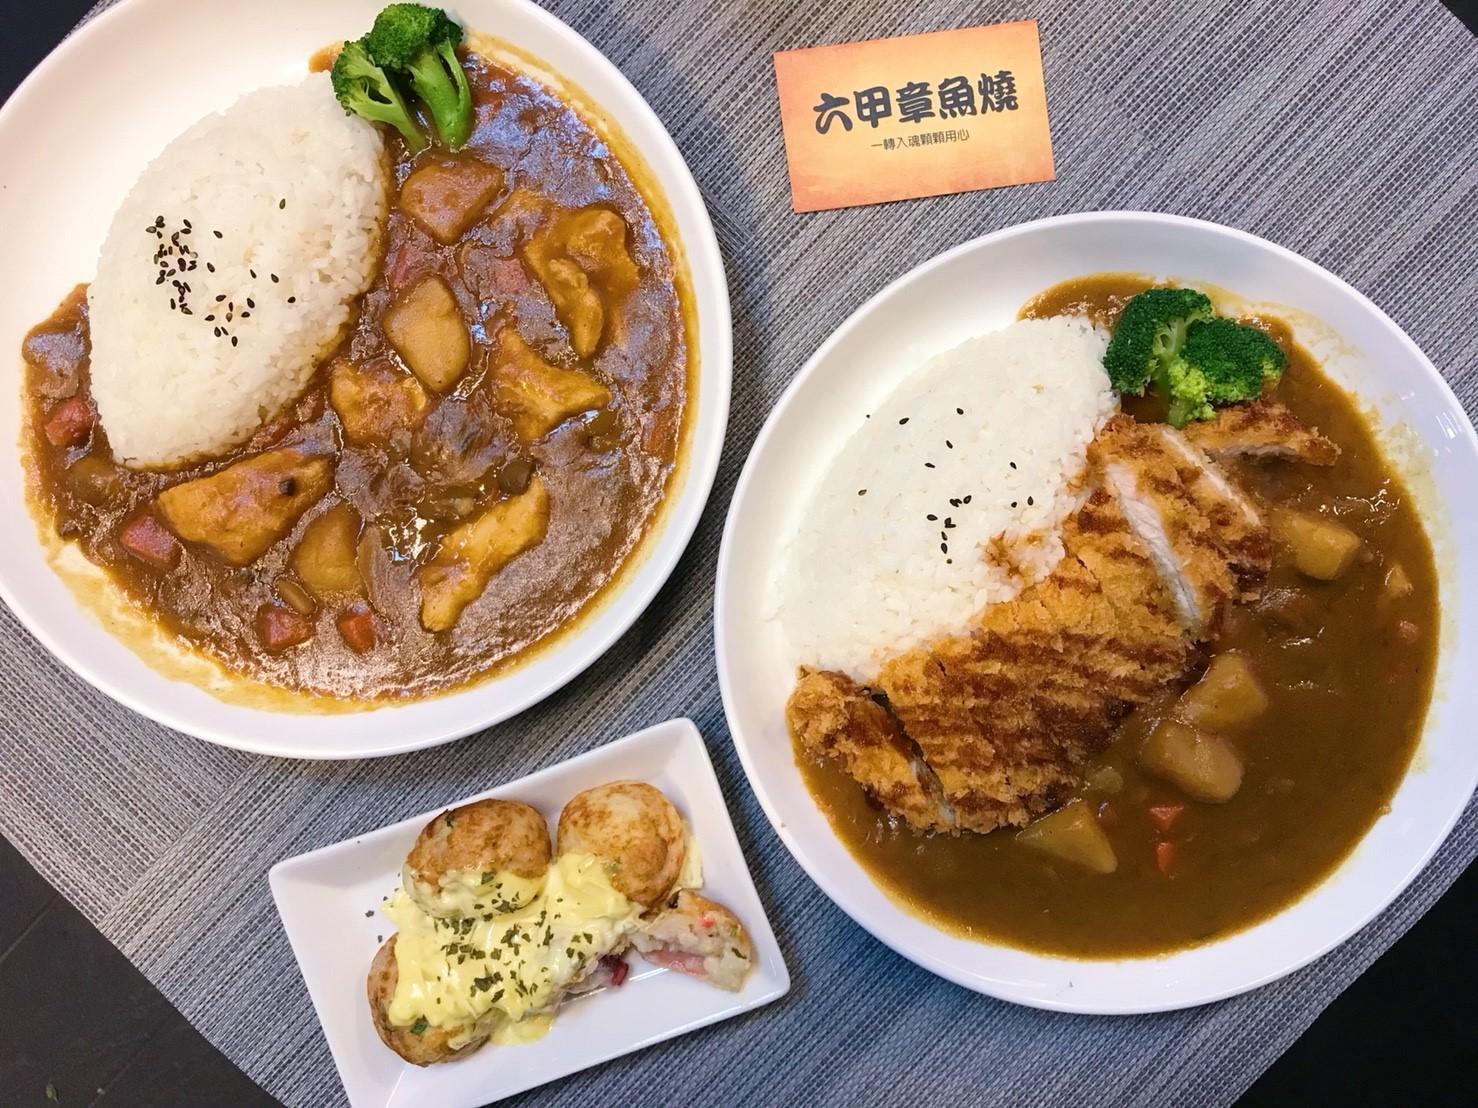 【台北。中山】  六甲章魚燒-平價大碗咖哩飯 超軟Q日式章魚燒